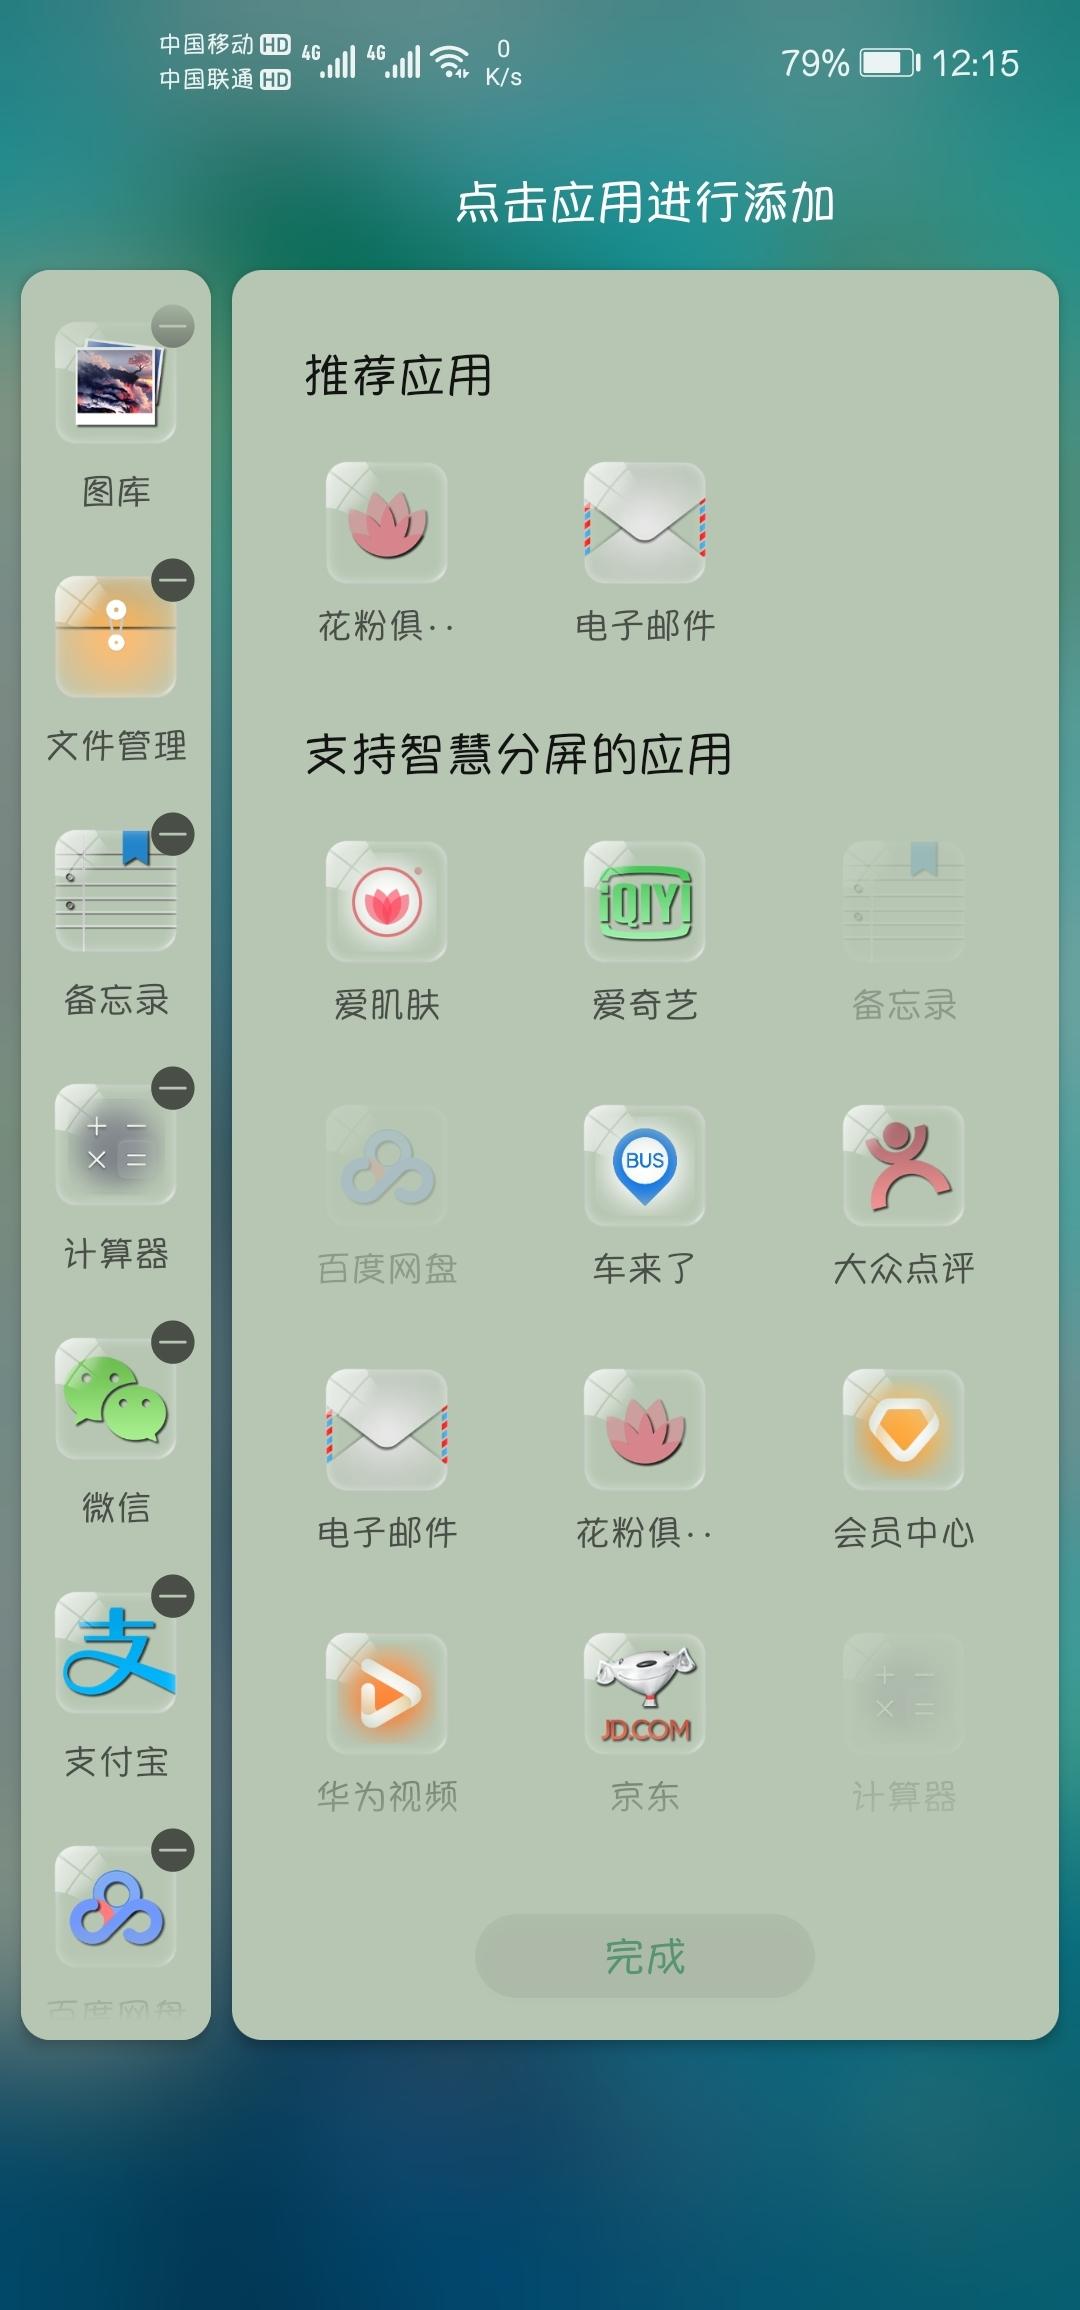 Screenshot_20200520_121521_com.huawei.android.launcher.jpg